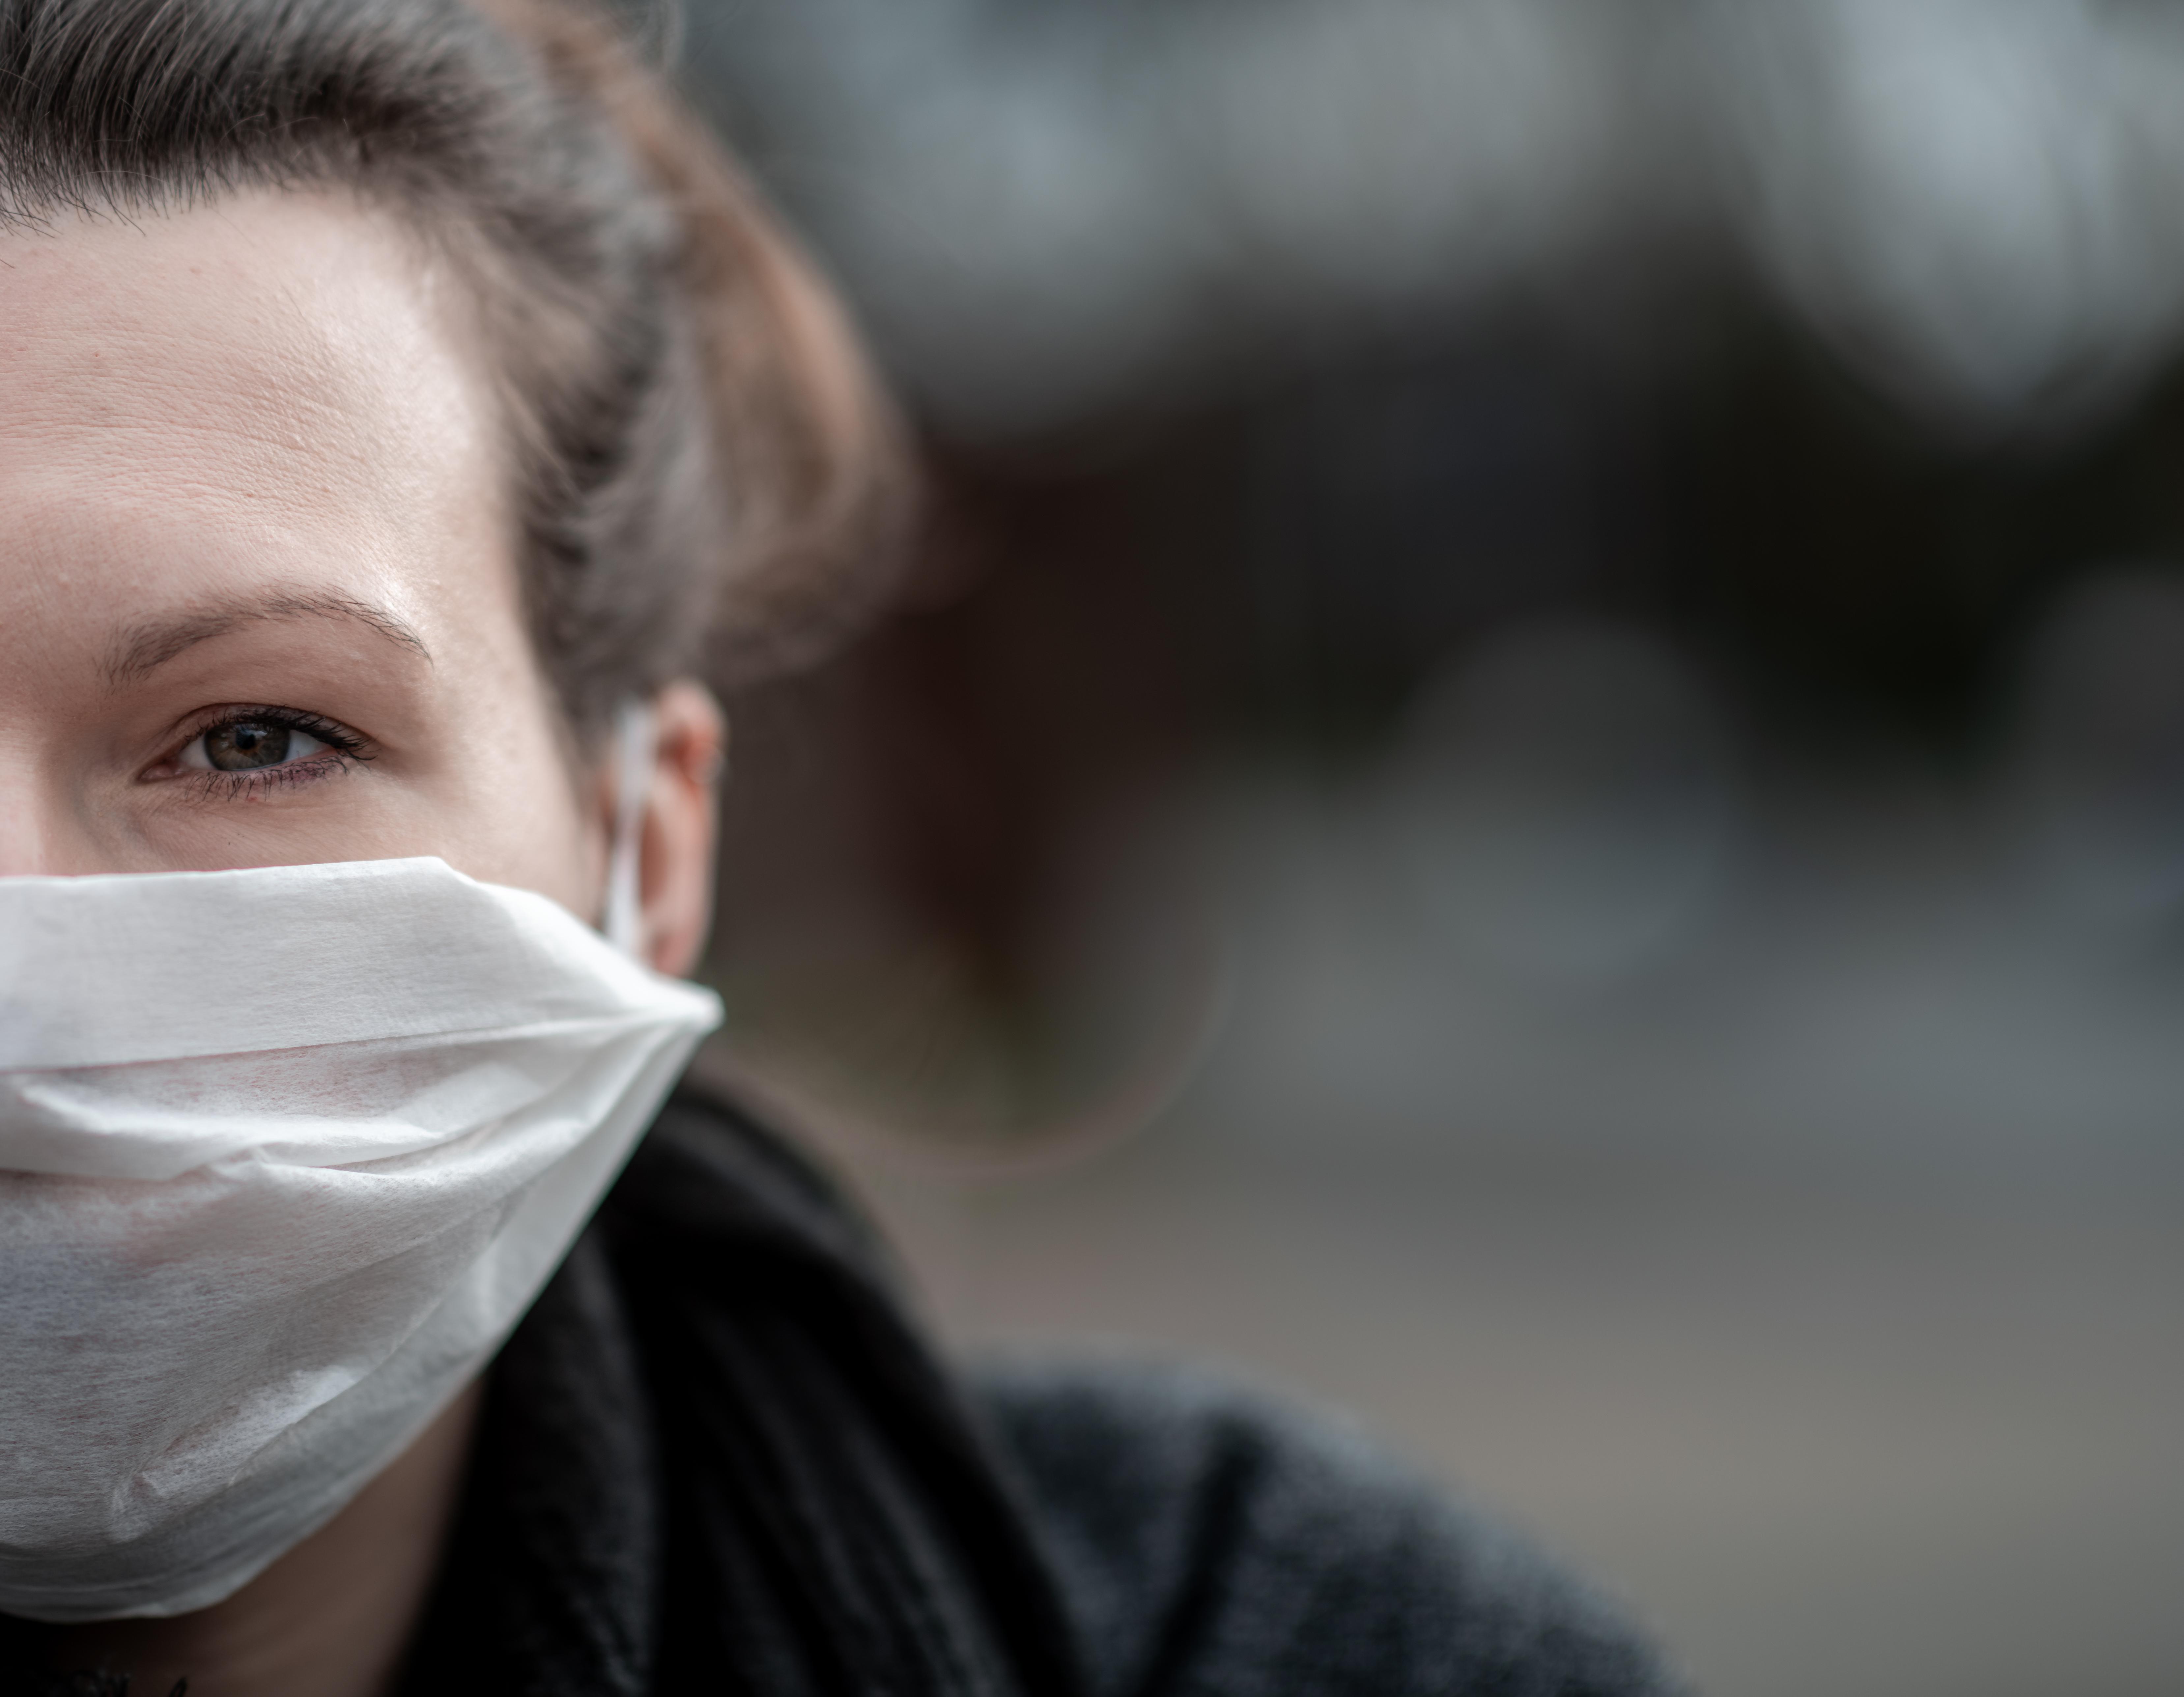 Hogyan védekezzünk hatékonyan egy cseppfertőzéssel terjedő járvánnyal szemben?